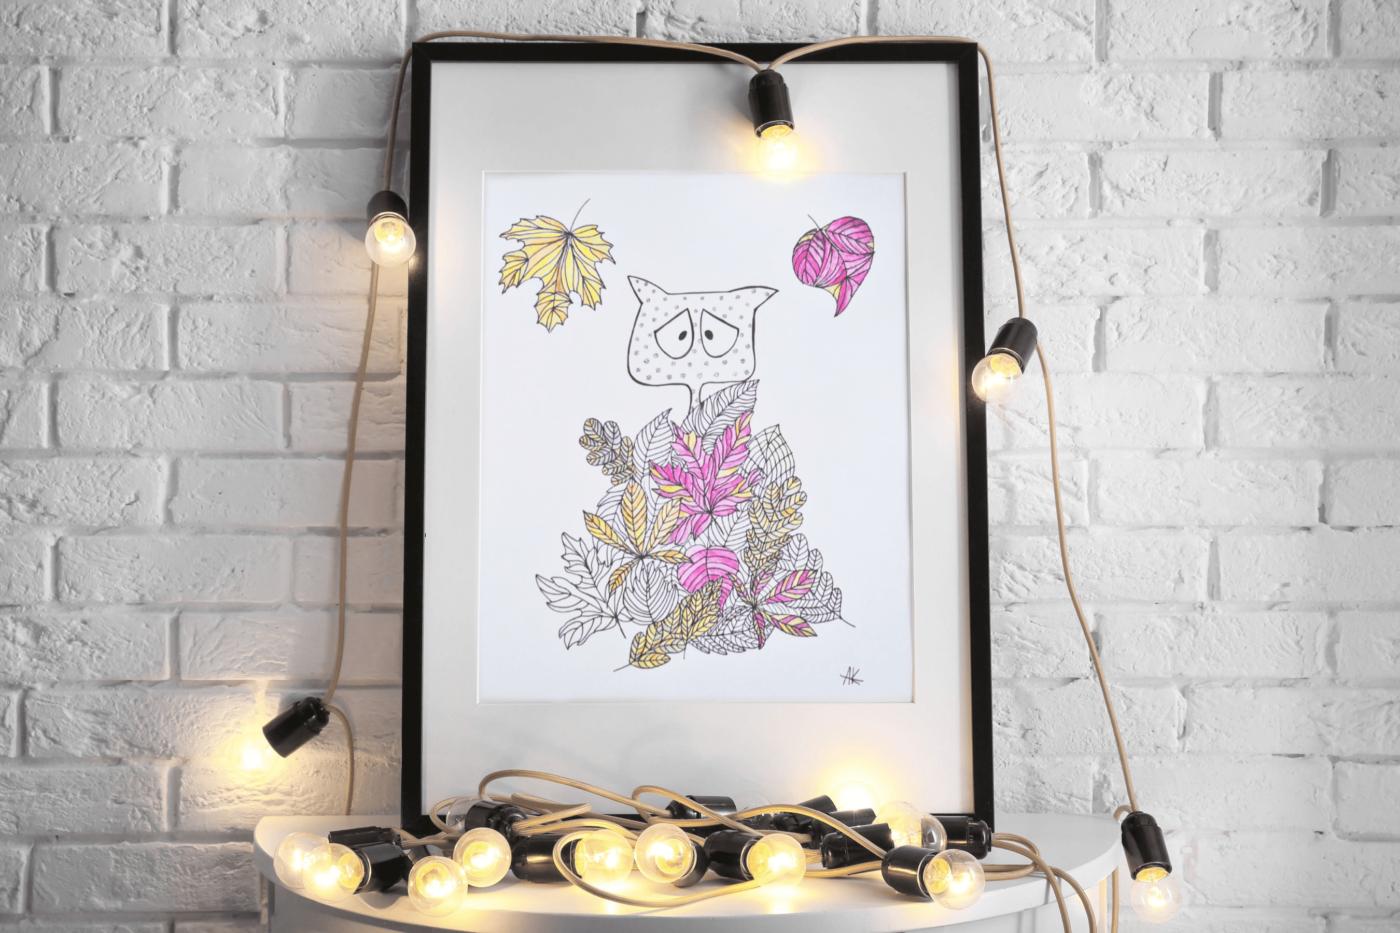 ręcznie robiona grafika z kotem w jesiennych liściach stojąca na komodzie z lampkami przytulne wnętrze